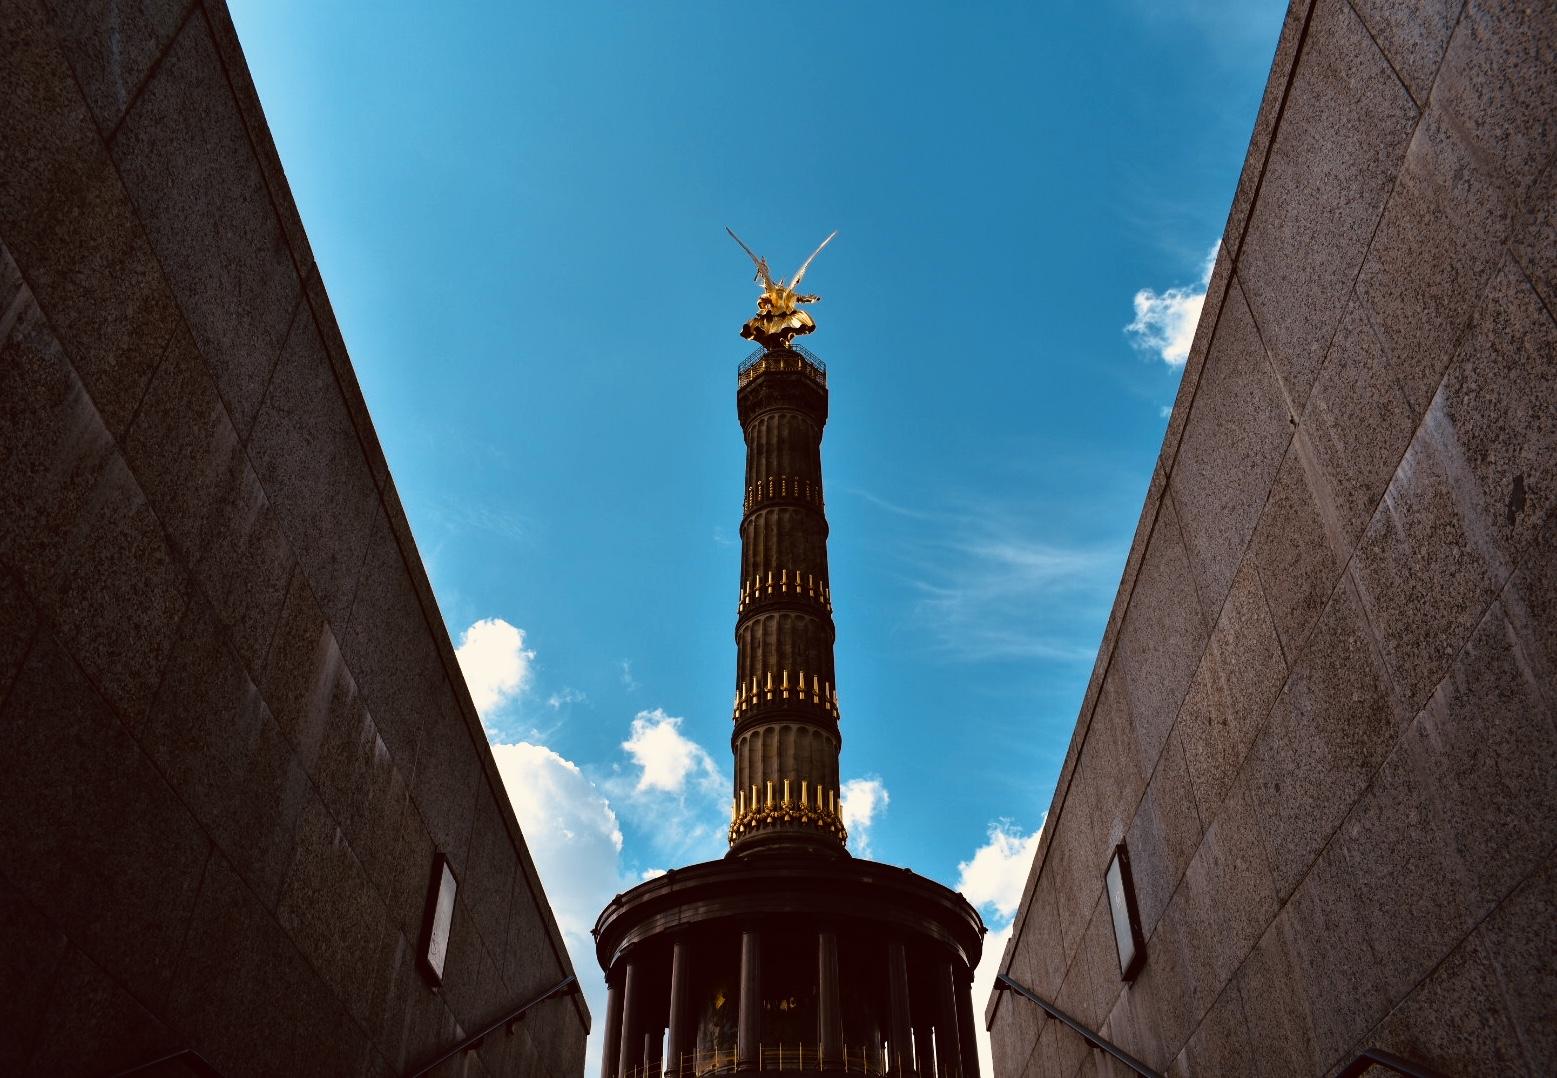 Siegessäule, Germany